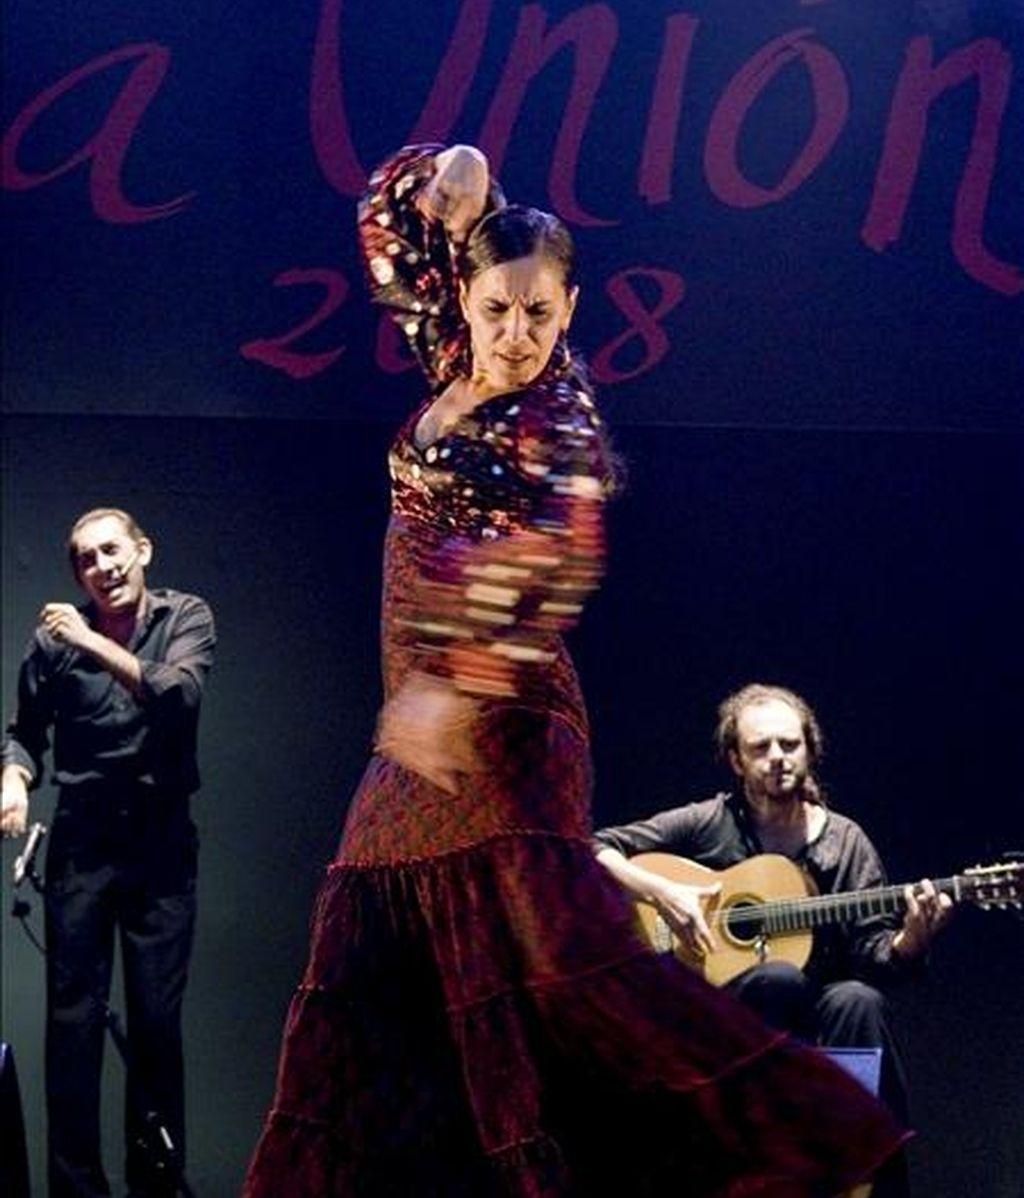 La joven bailaora sevillana Rafaela Carrasco, una de las más destacadas represente del baile flamenco de vanguardia, cuya compañía intervendrá en el Festival flamenco de Düsseldorf (Alemania). En la imagen, Carrasco durante su actuación en el festival internacional del Cante de las Minas de La Unión (Murcia) en agosto pasado. EFE/Archivo